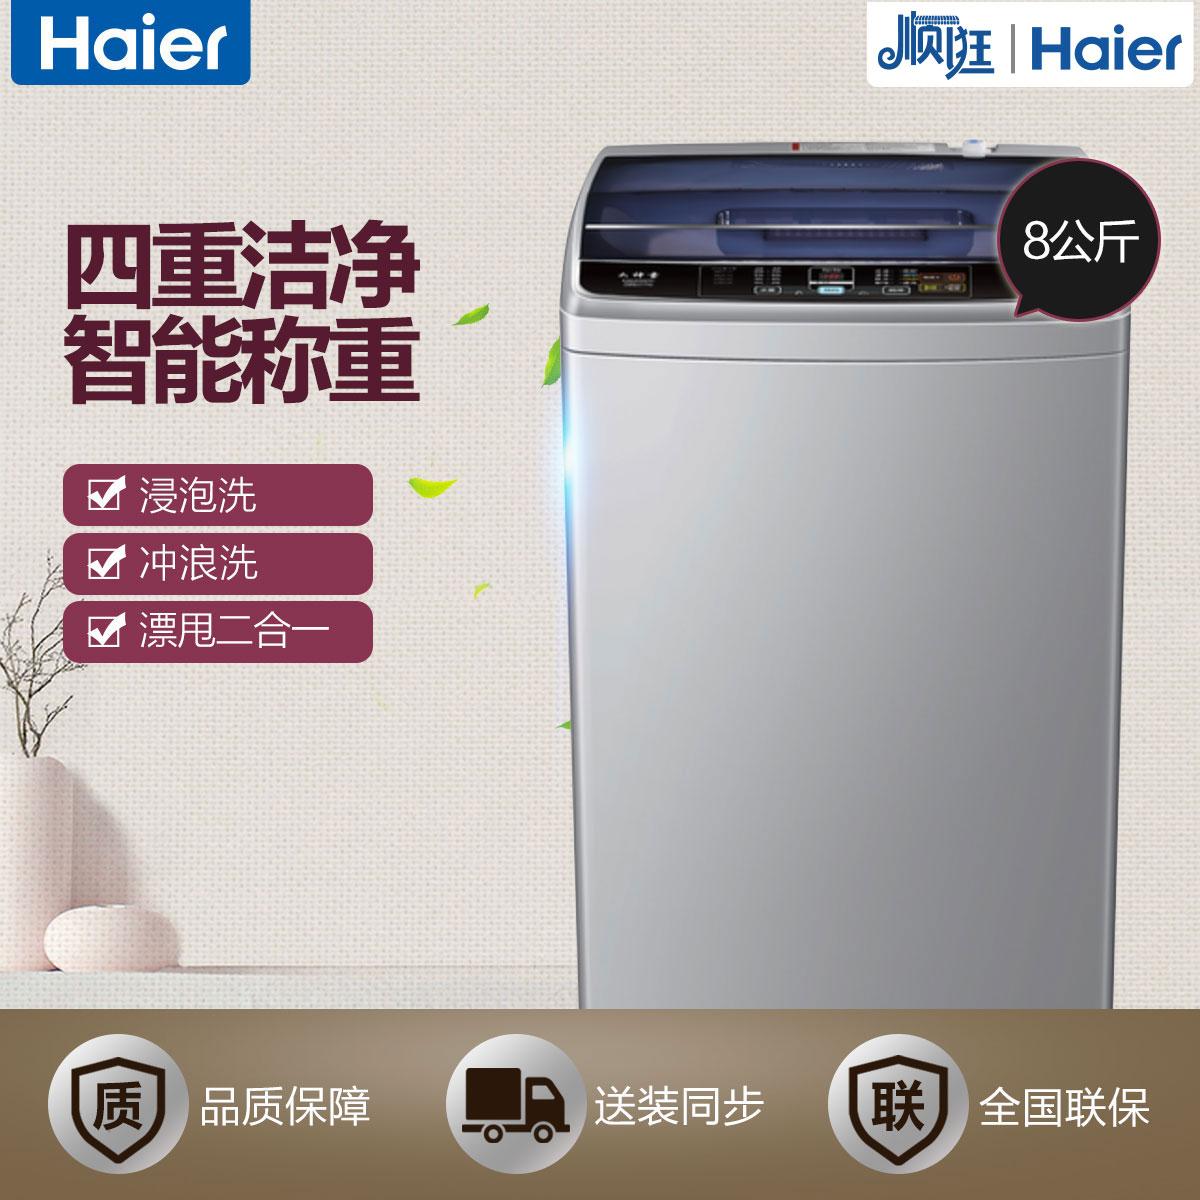 四重洁净 智能预约 浸泡洗 冲浪洗 EB80M39TH 8kg/公斤全自动智能波轮洗衣机